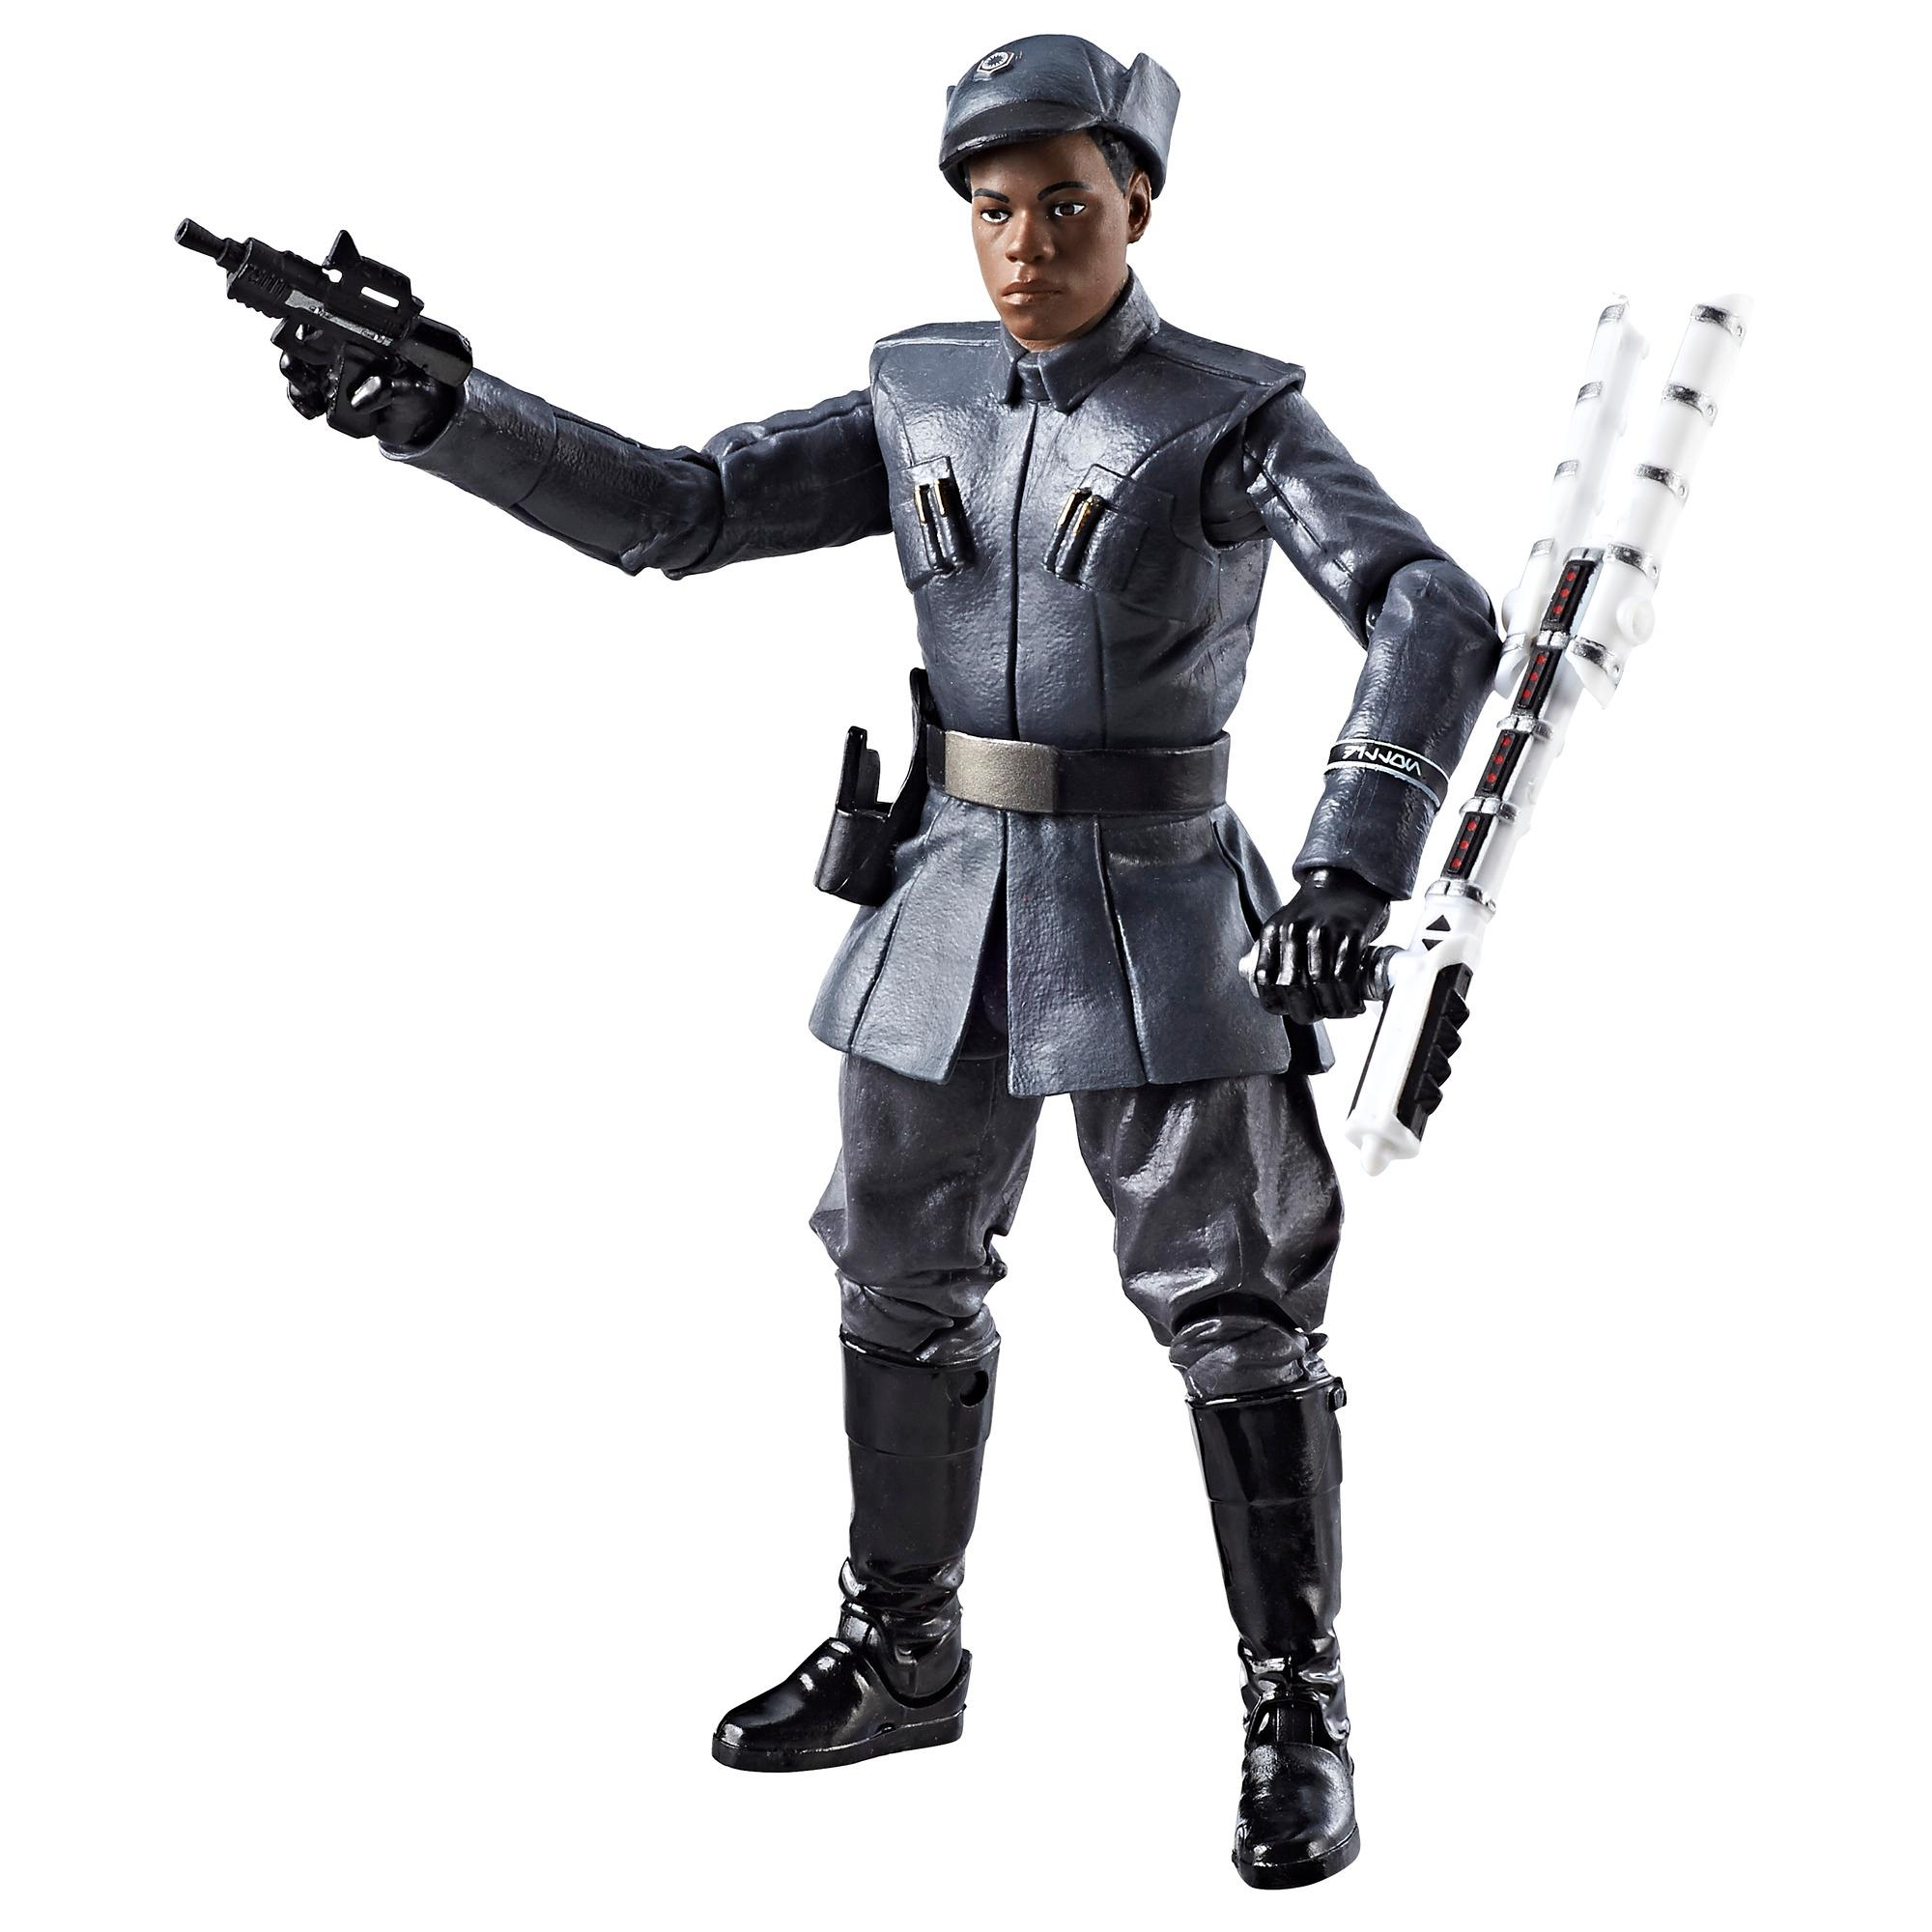 Star Wars Série noire - Figurine Finn (En officier du Premier Ordre)